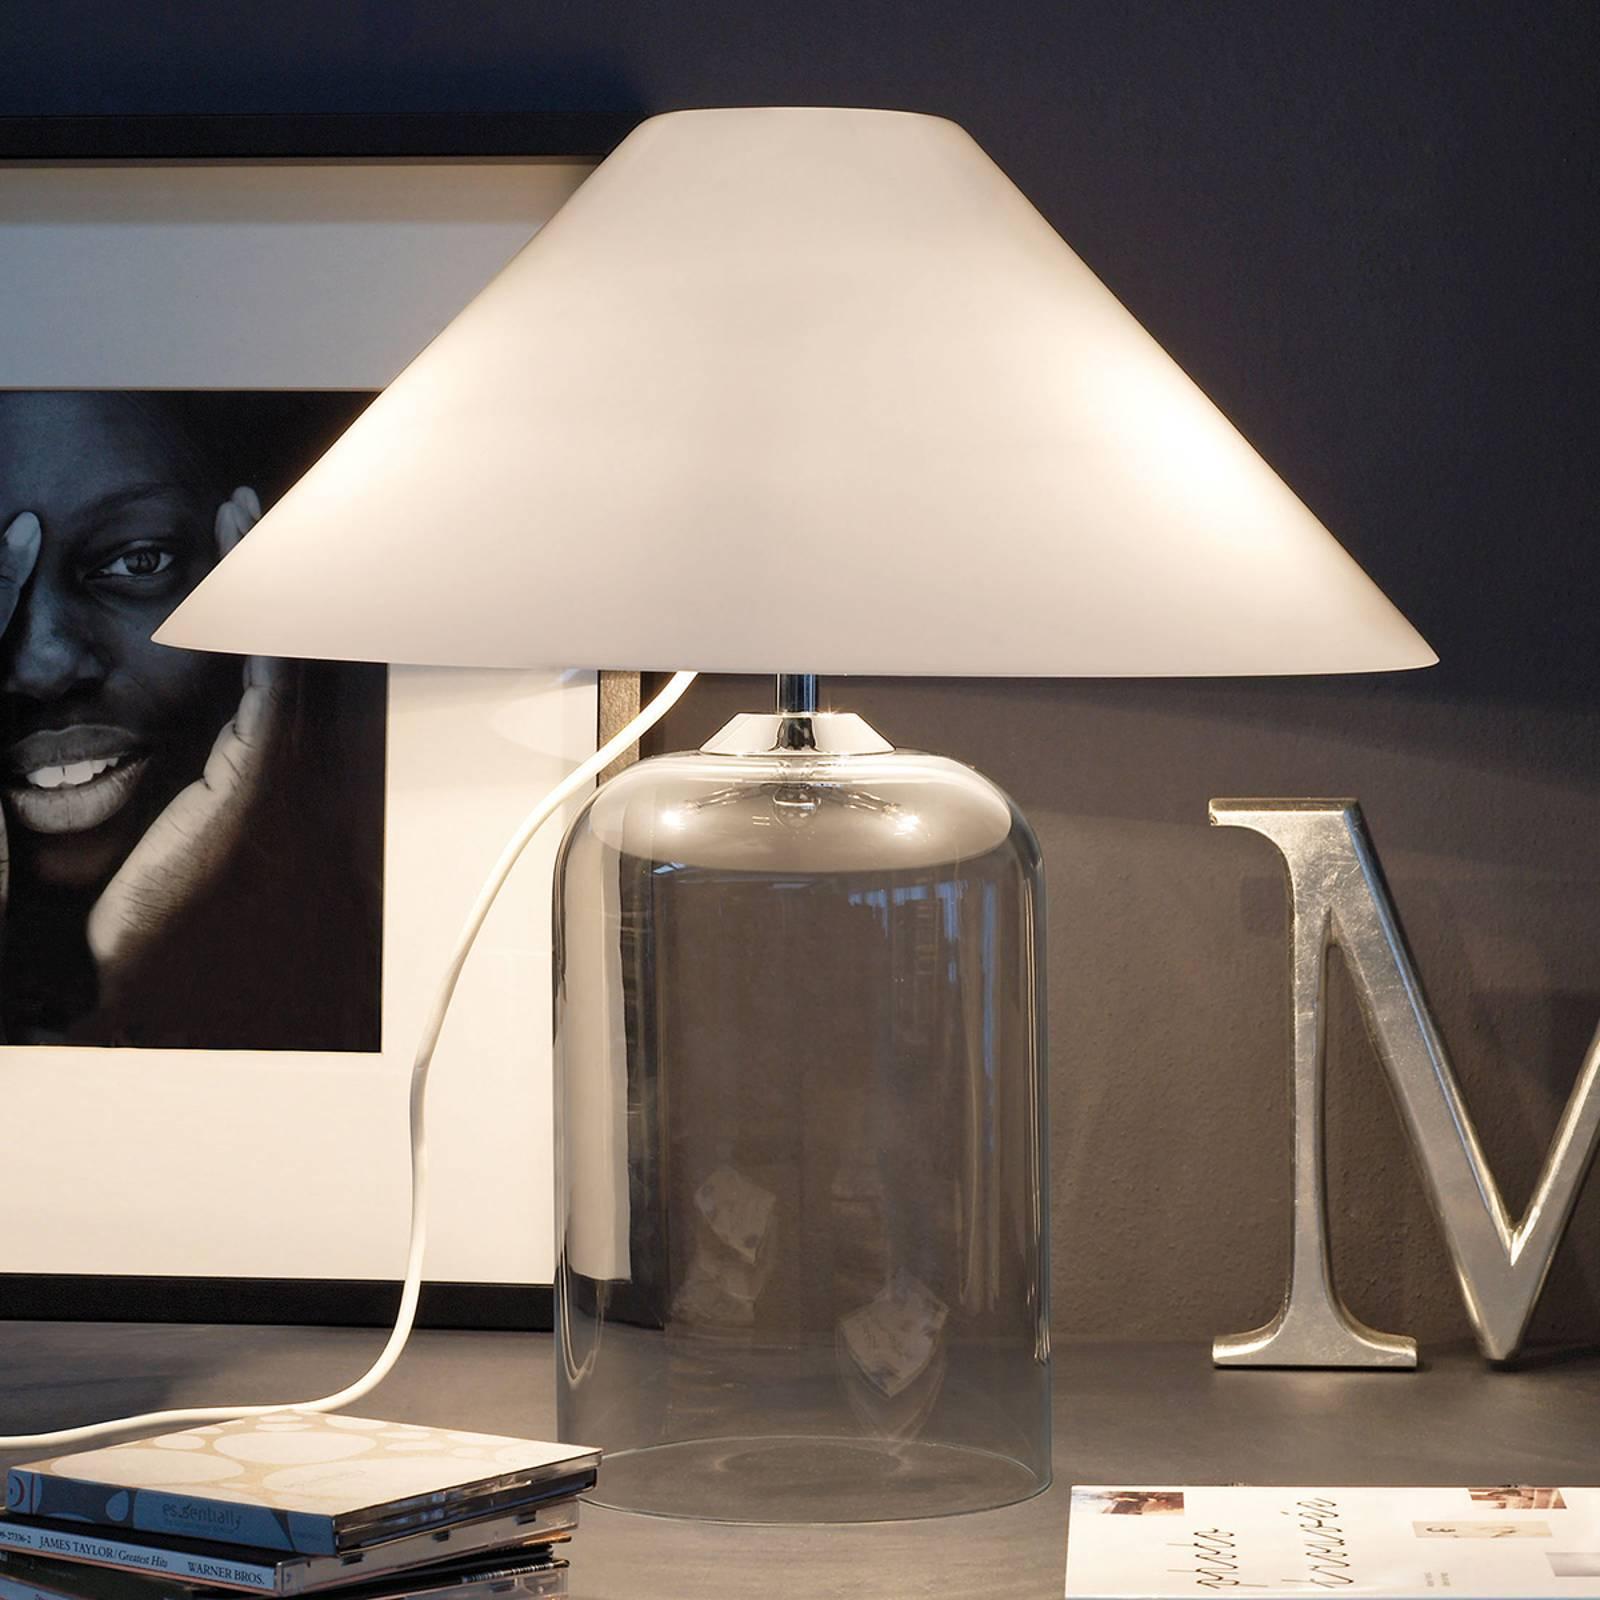 nachttischlampen und andere lampen von vistosi online kaufen bei m bel garten. Black Bedroom Furniture Sets. Home Design Ideas